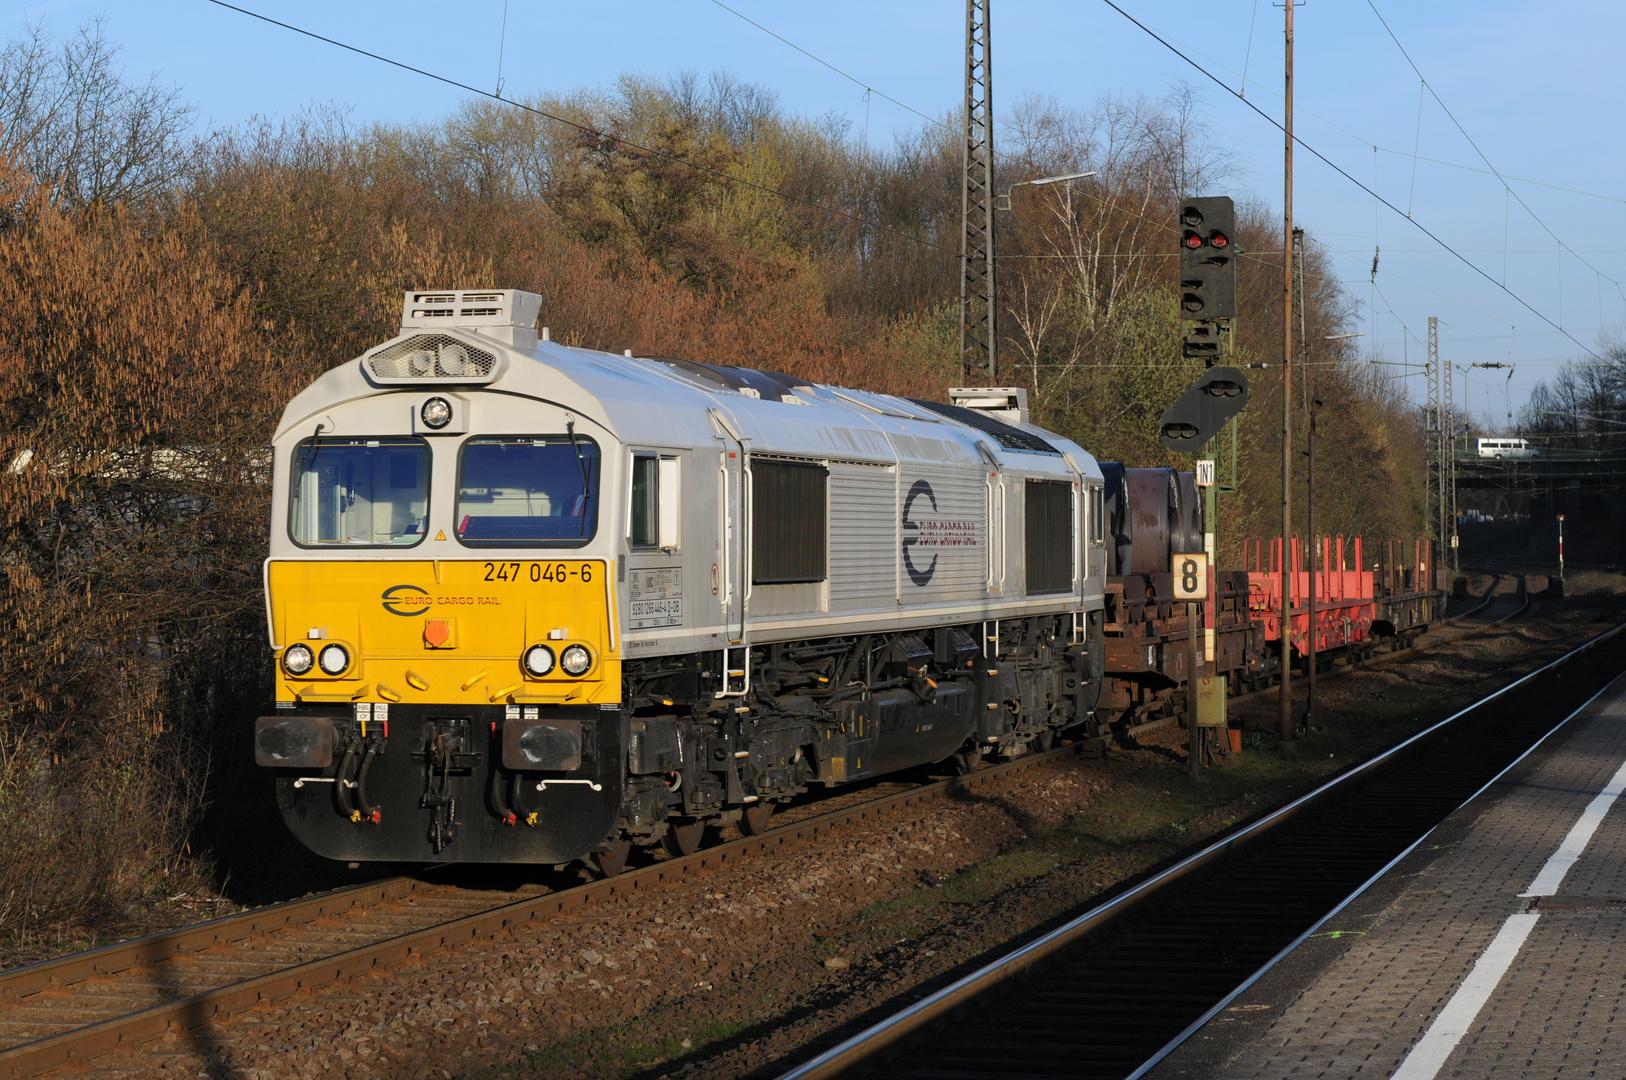 """247 046-6 , Class 77 der """"Euro Cargo Rail"""" in Essen - Bergeborbeck"""